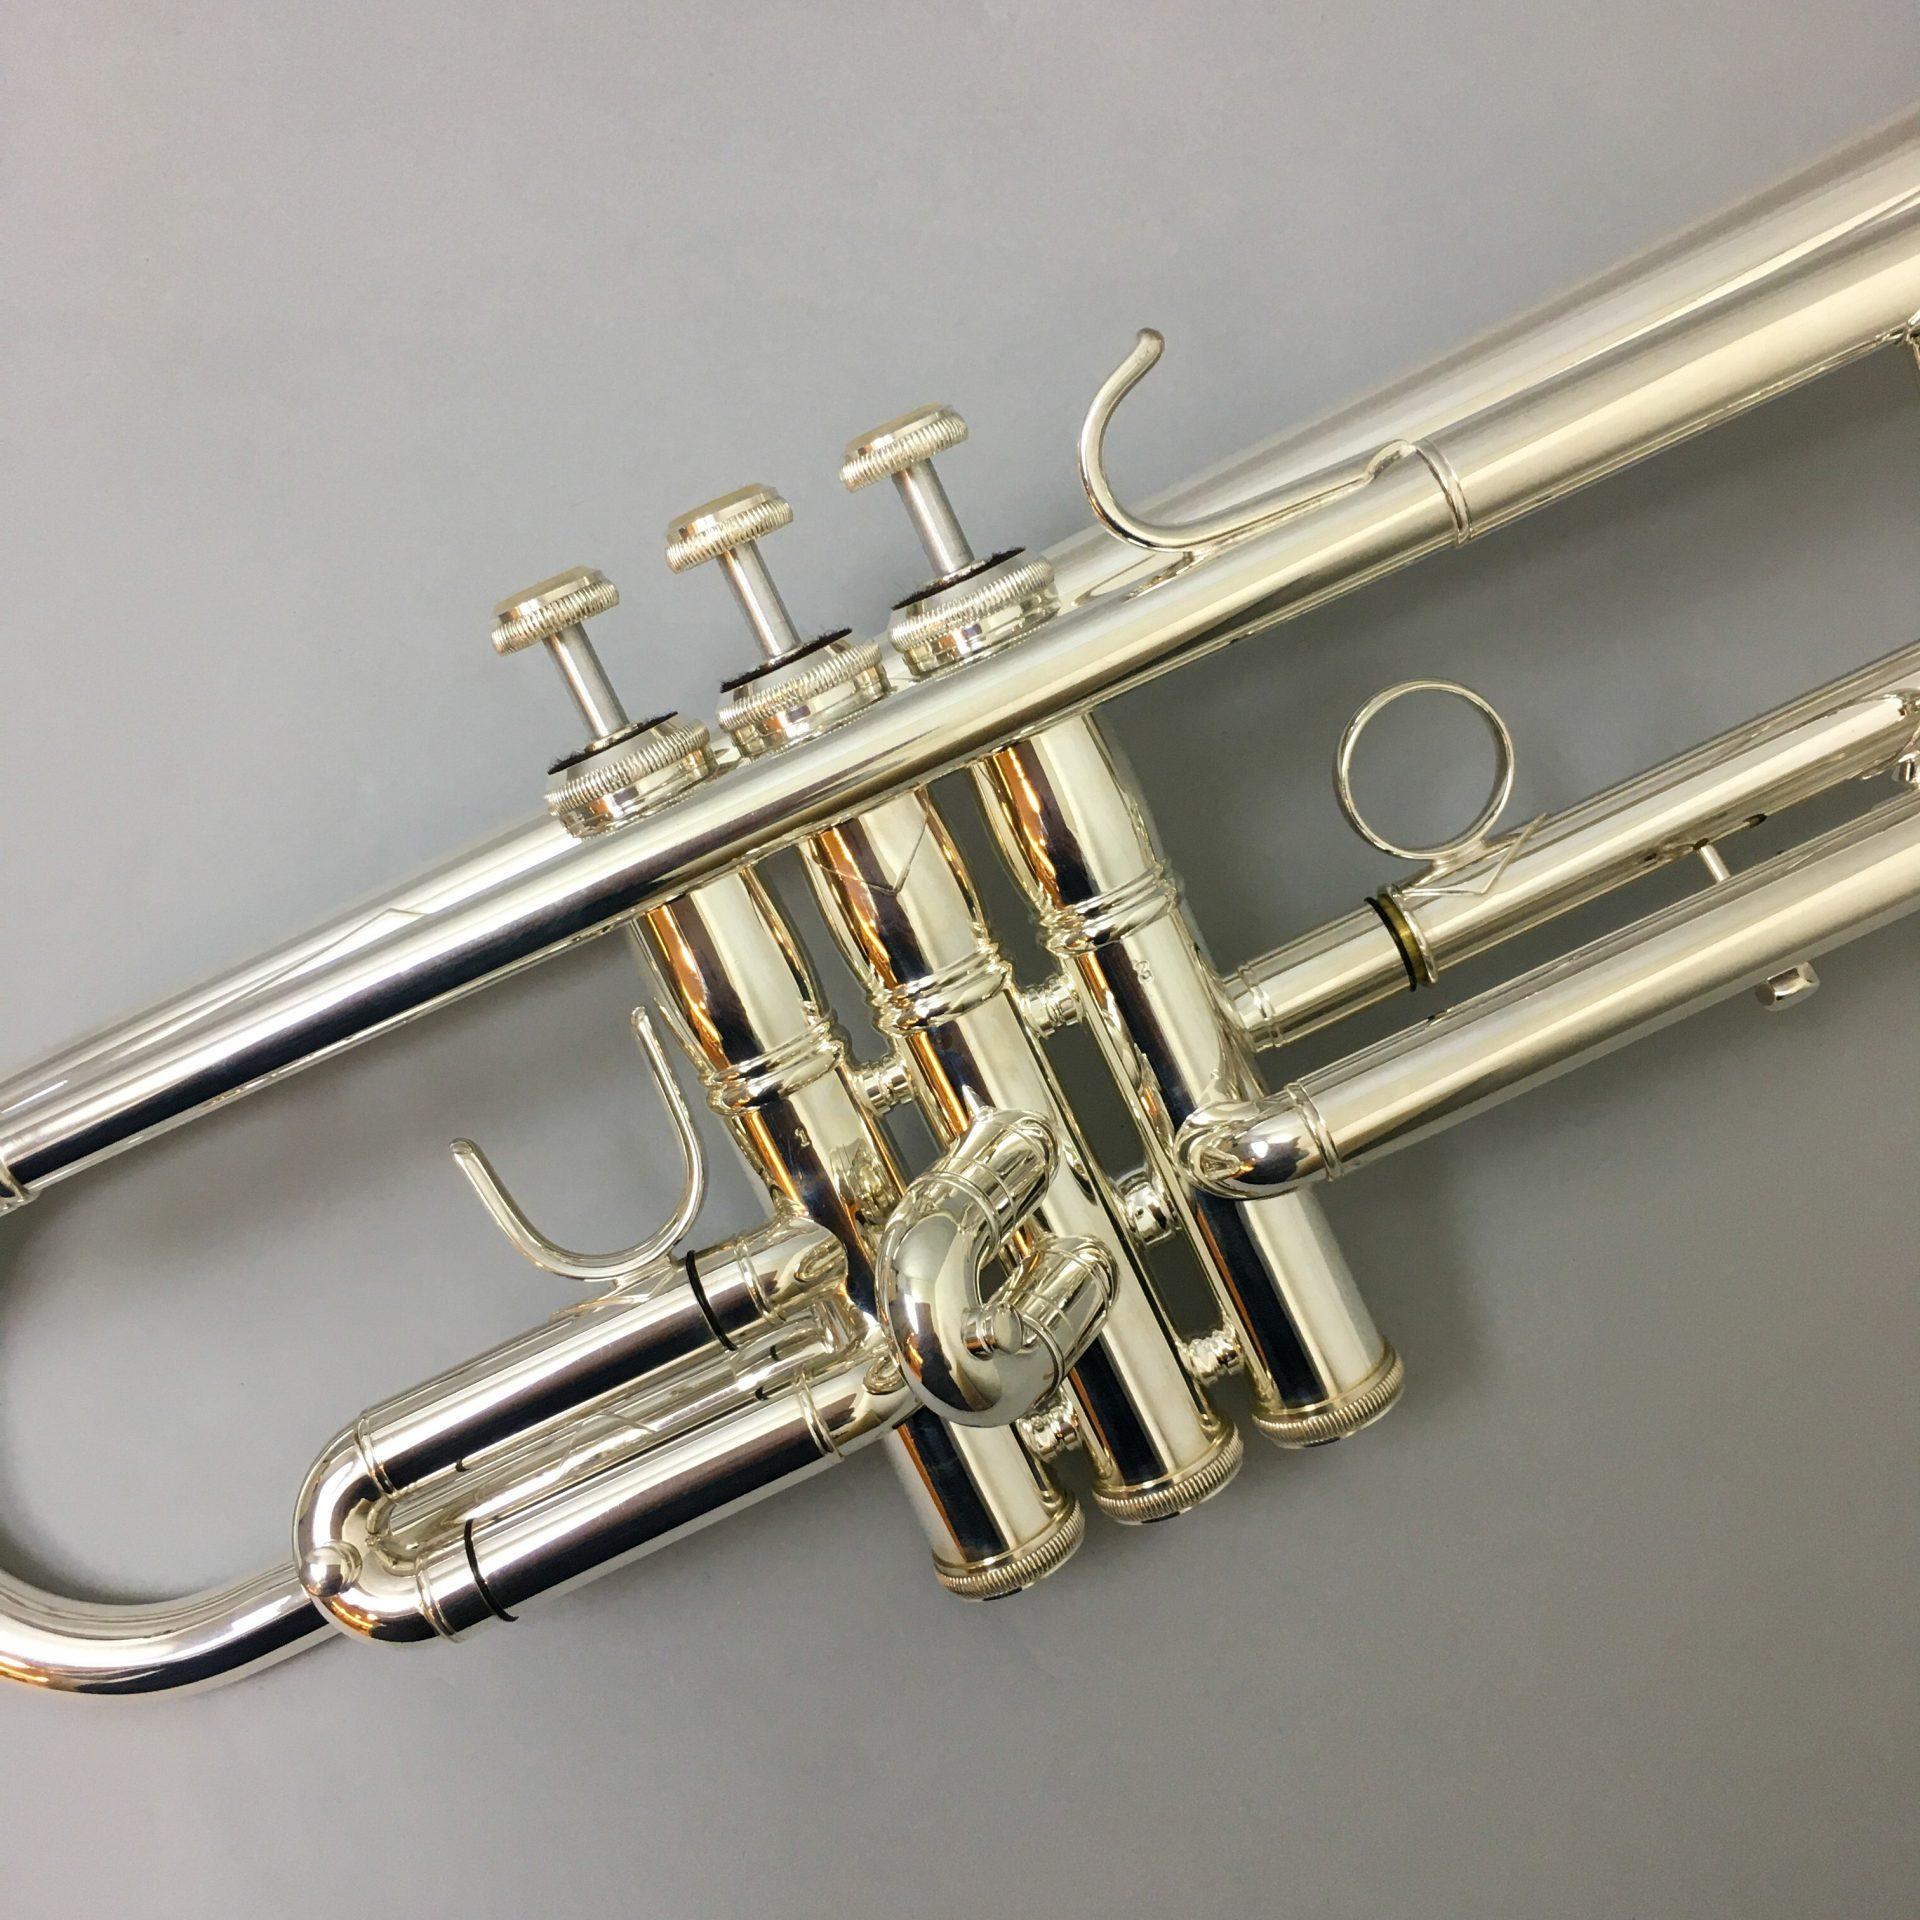 Bach トランペット